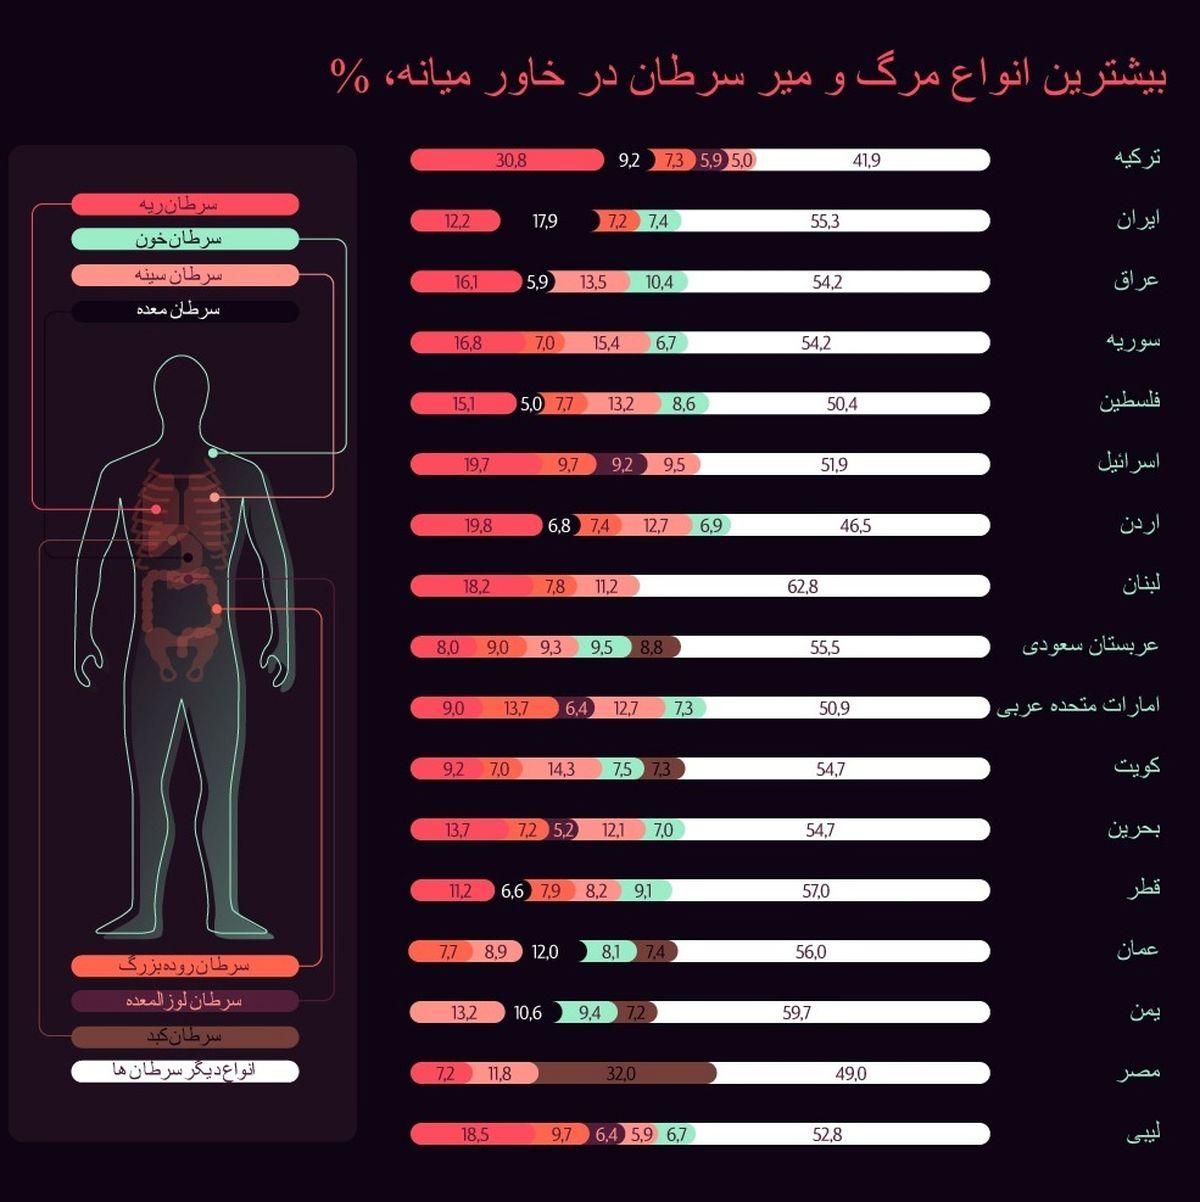 سونامی سرطان در خاورمیانه